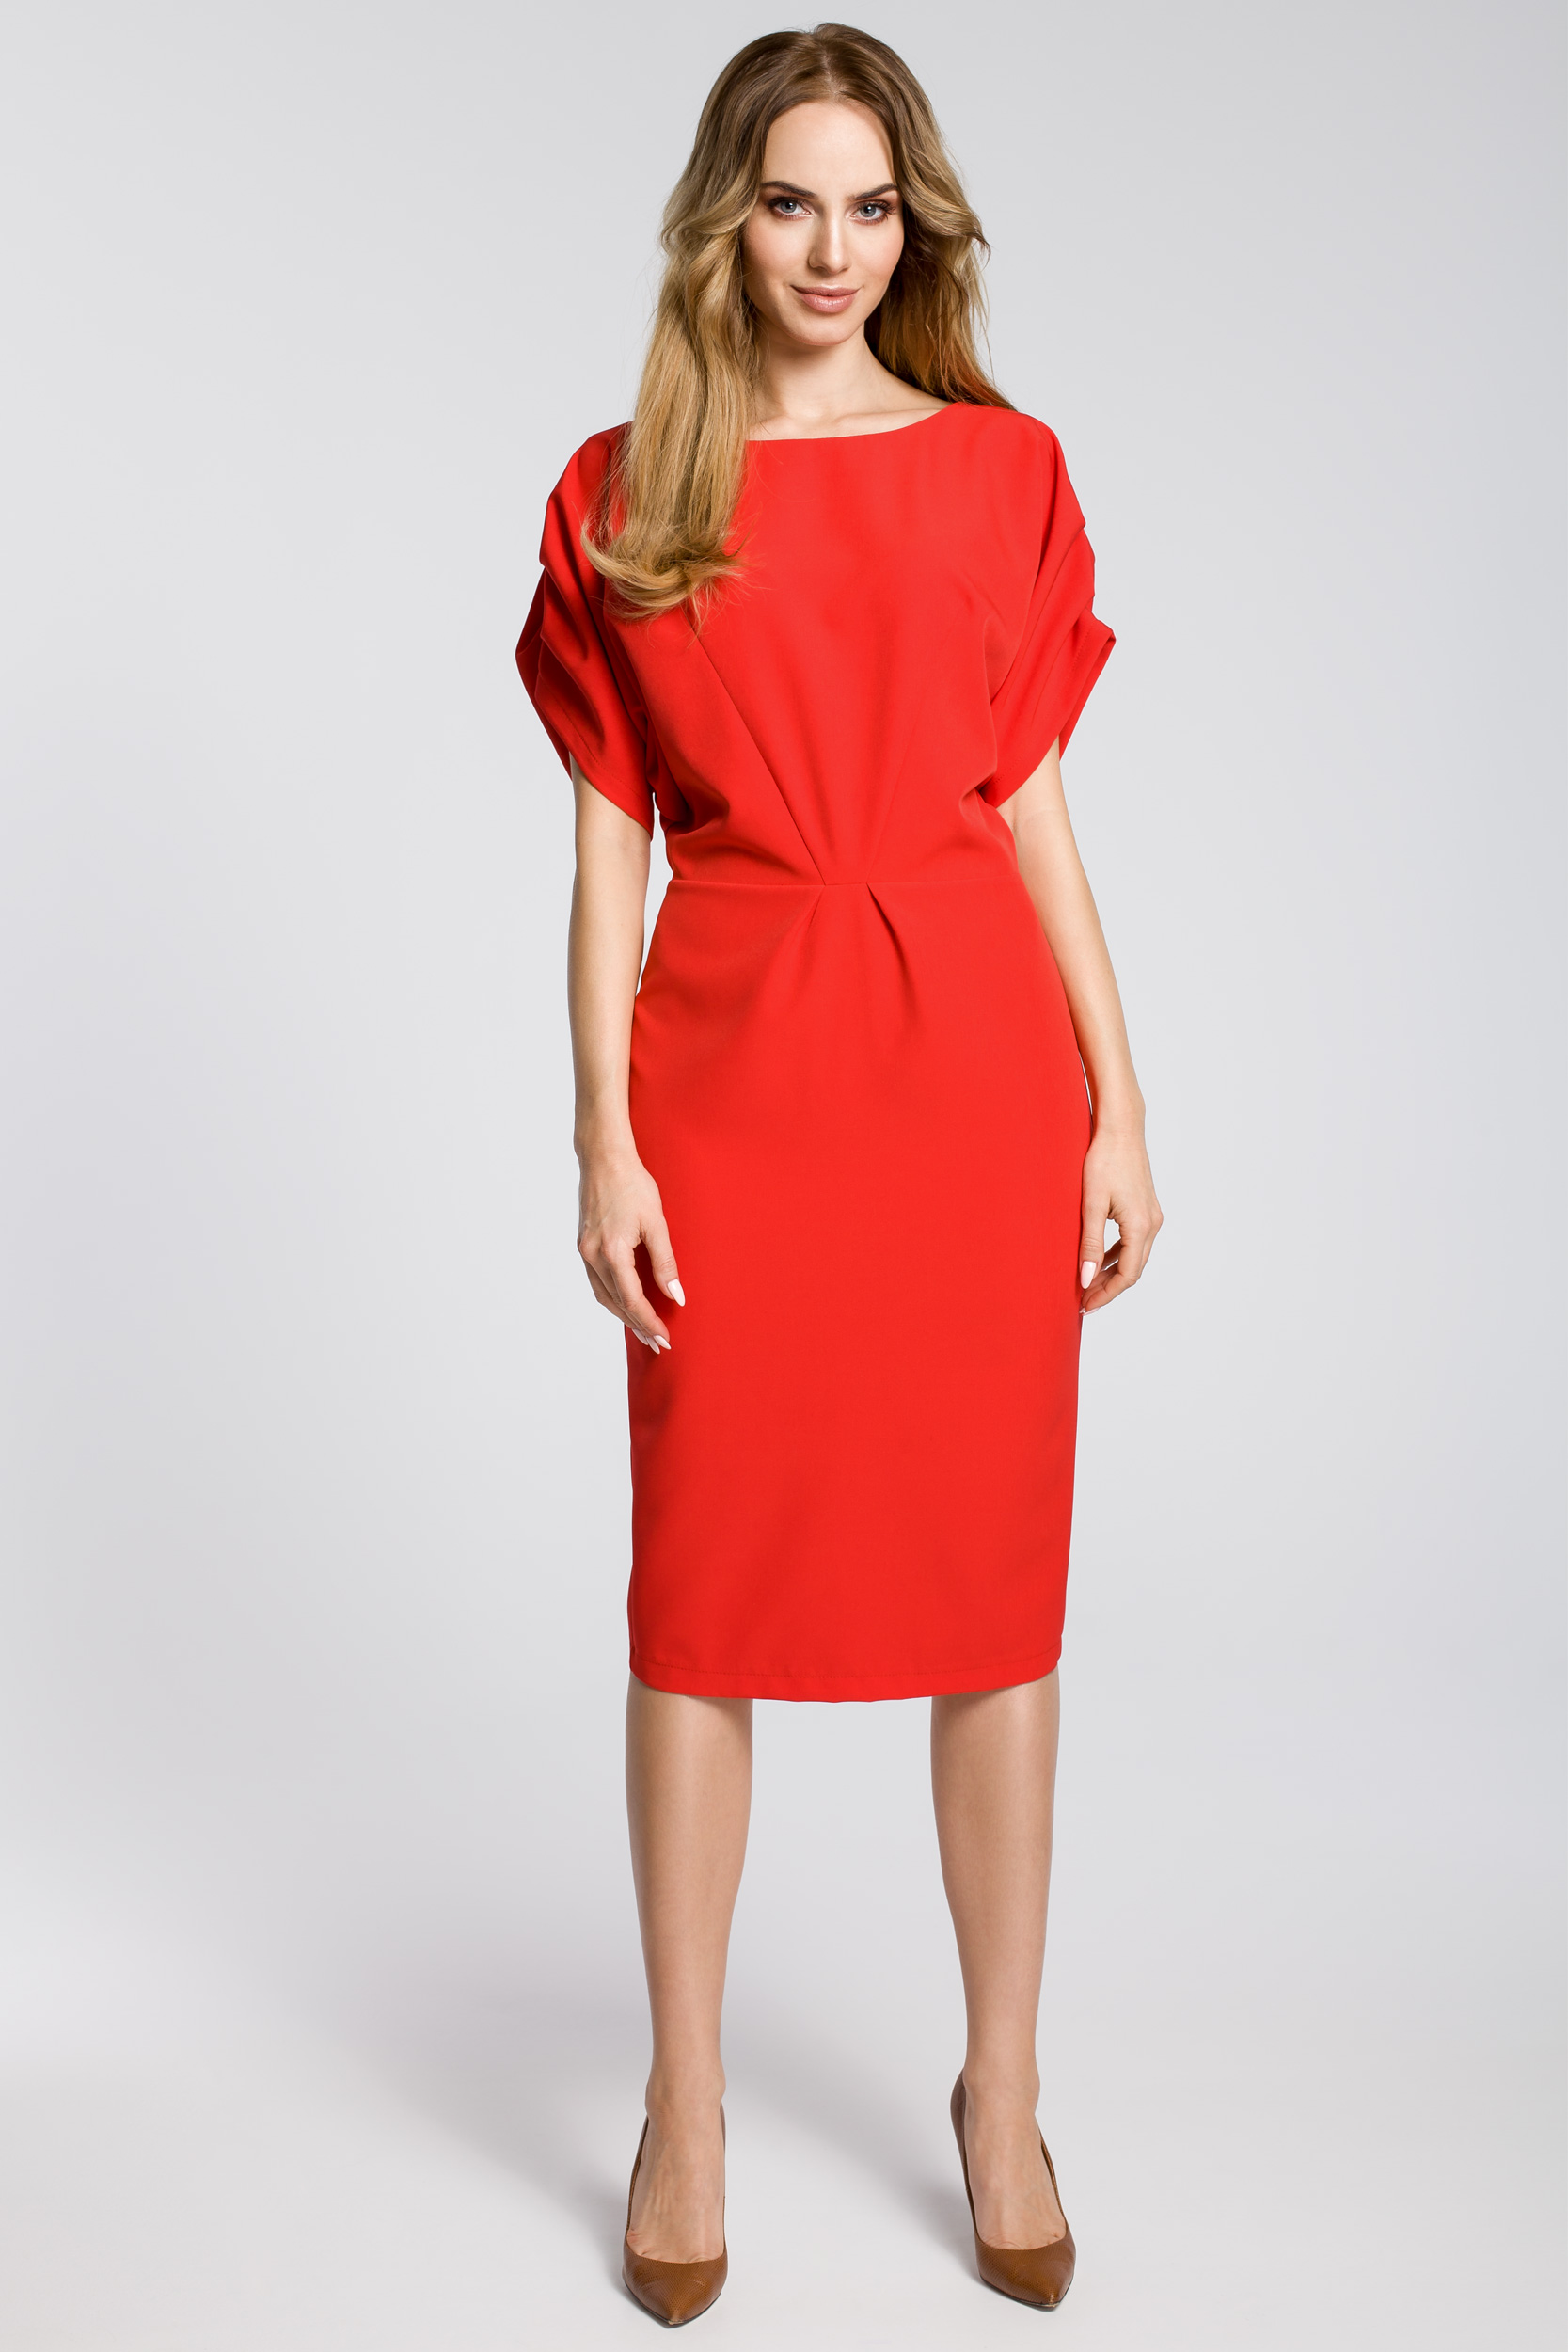 f1c1088f45 CM3592 Ołówkowa sukienka midi z rękawami kimono - czerwona ...